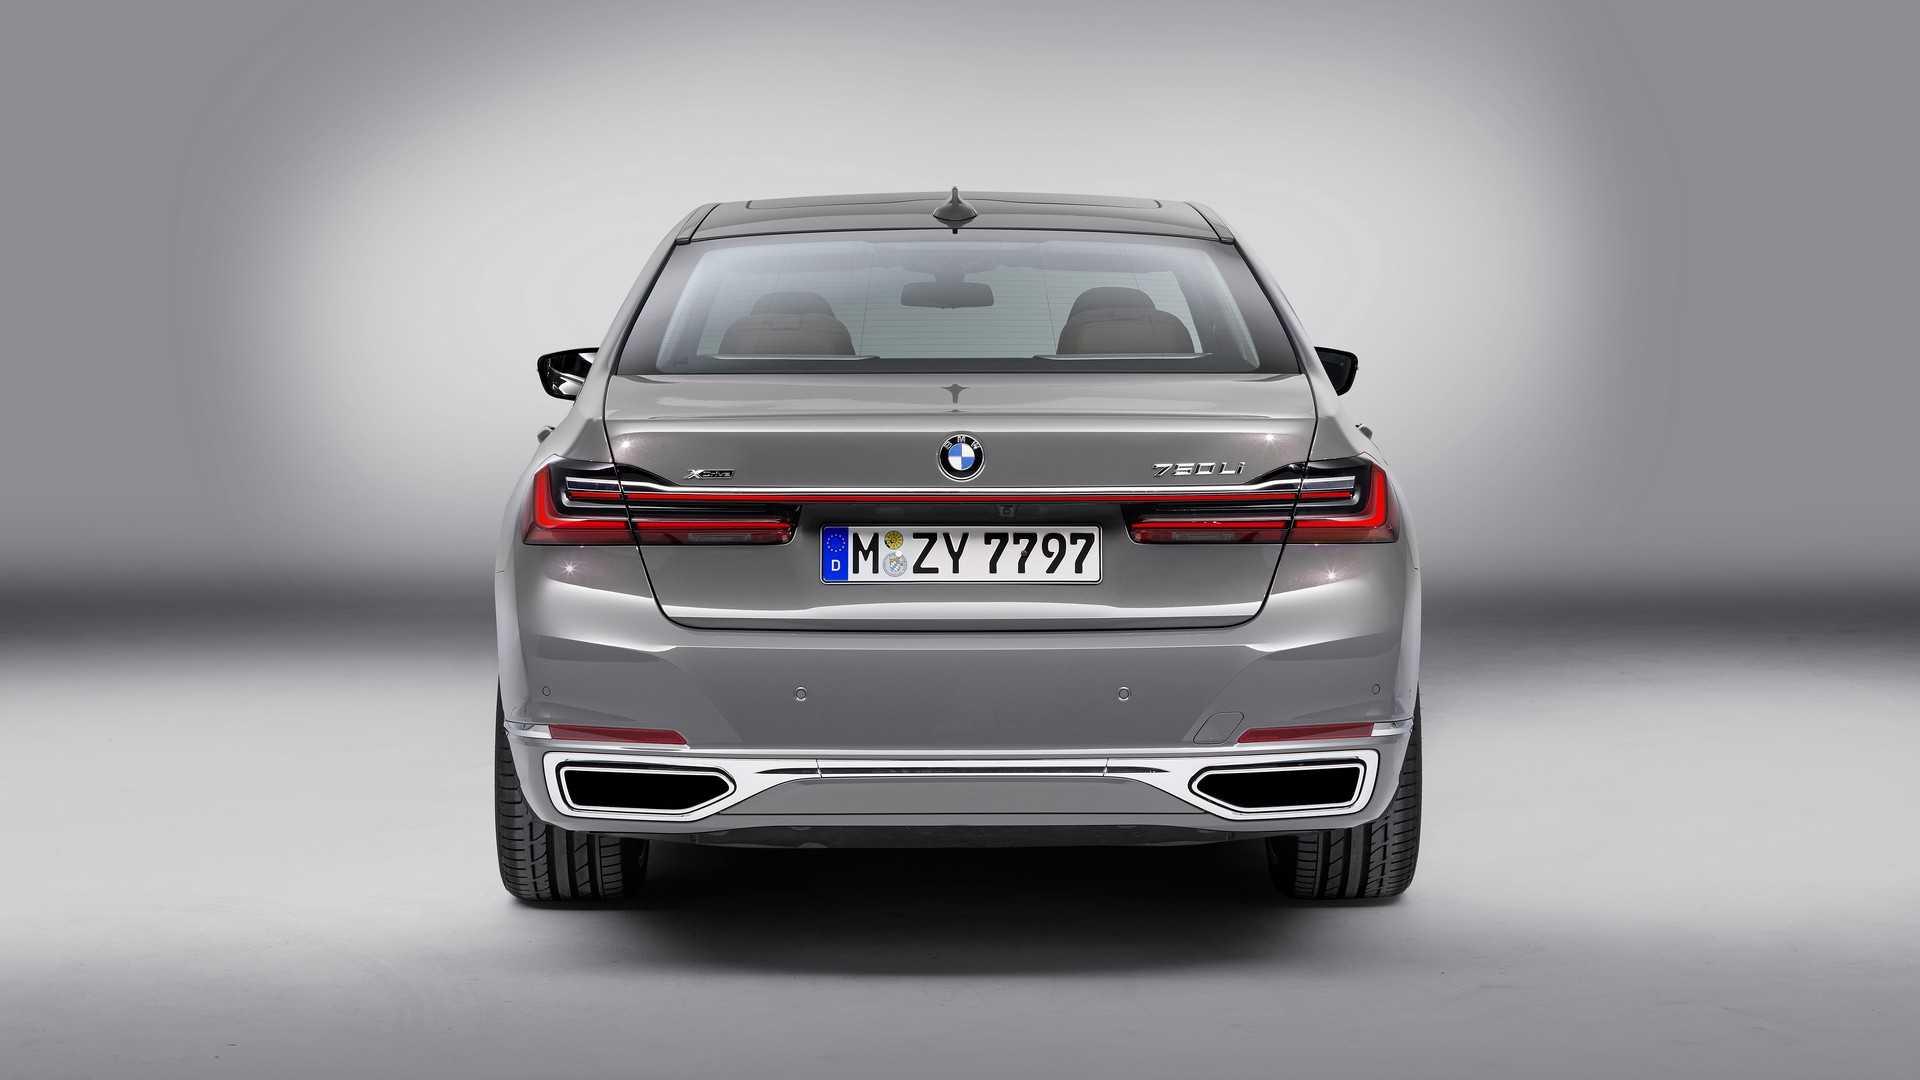 BMW 7 Series thế hệ mới sẽ có thêm bản chạy điện hoàn toàn - 14